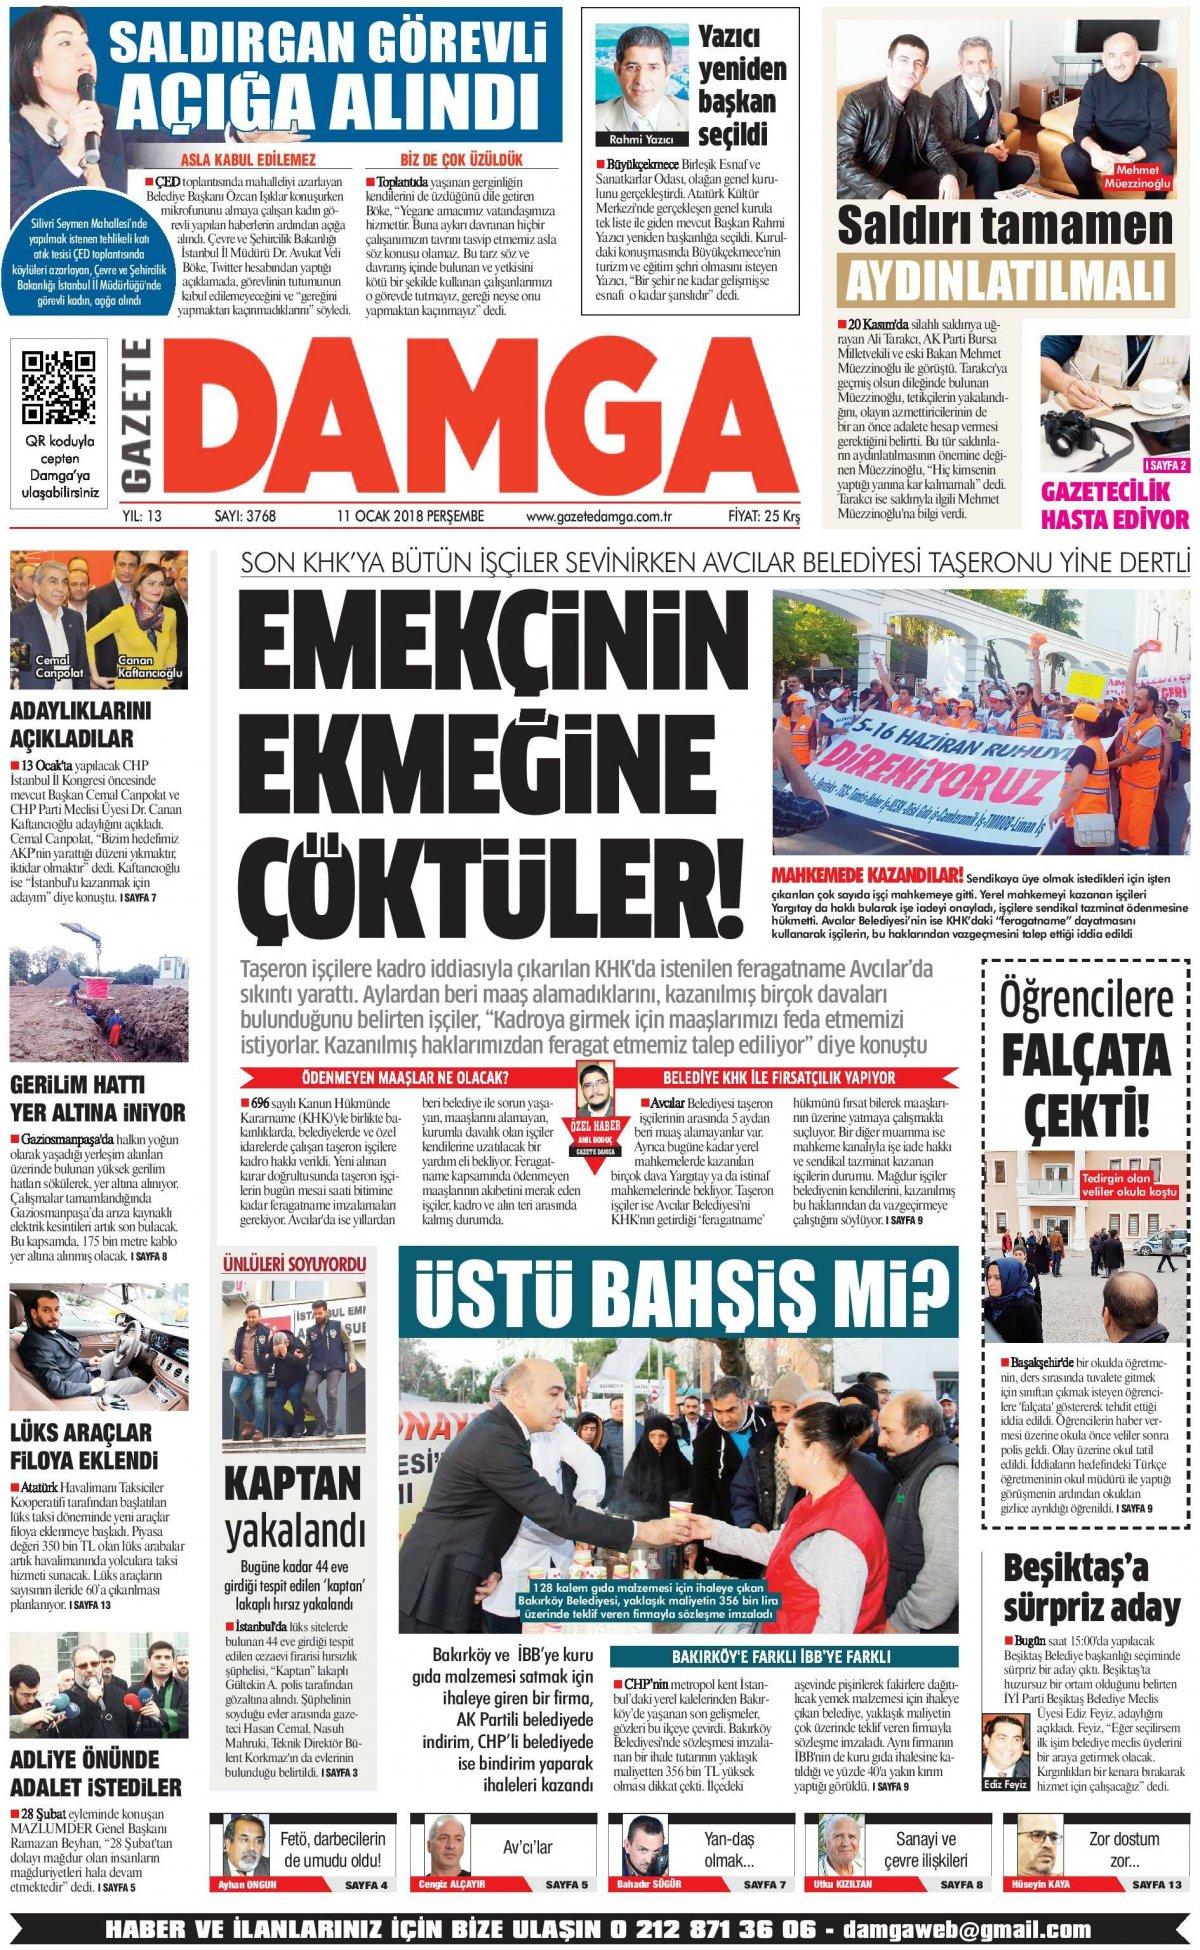 Gazete Damga - 11.01.2018 Manşeti